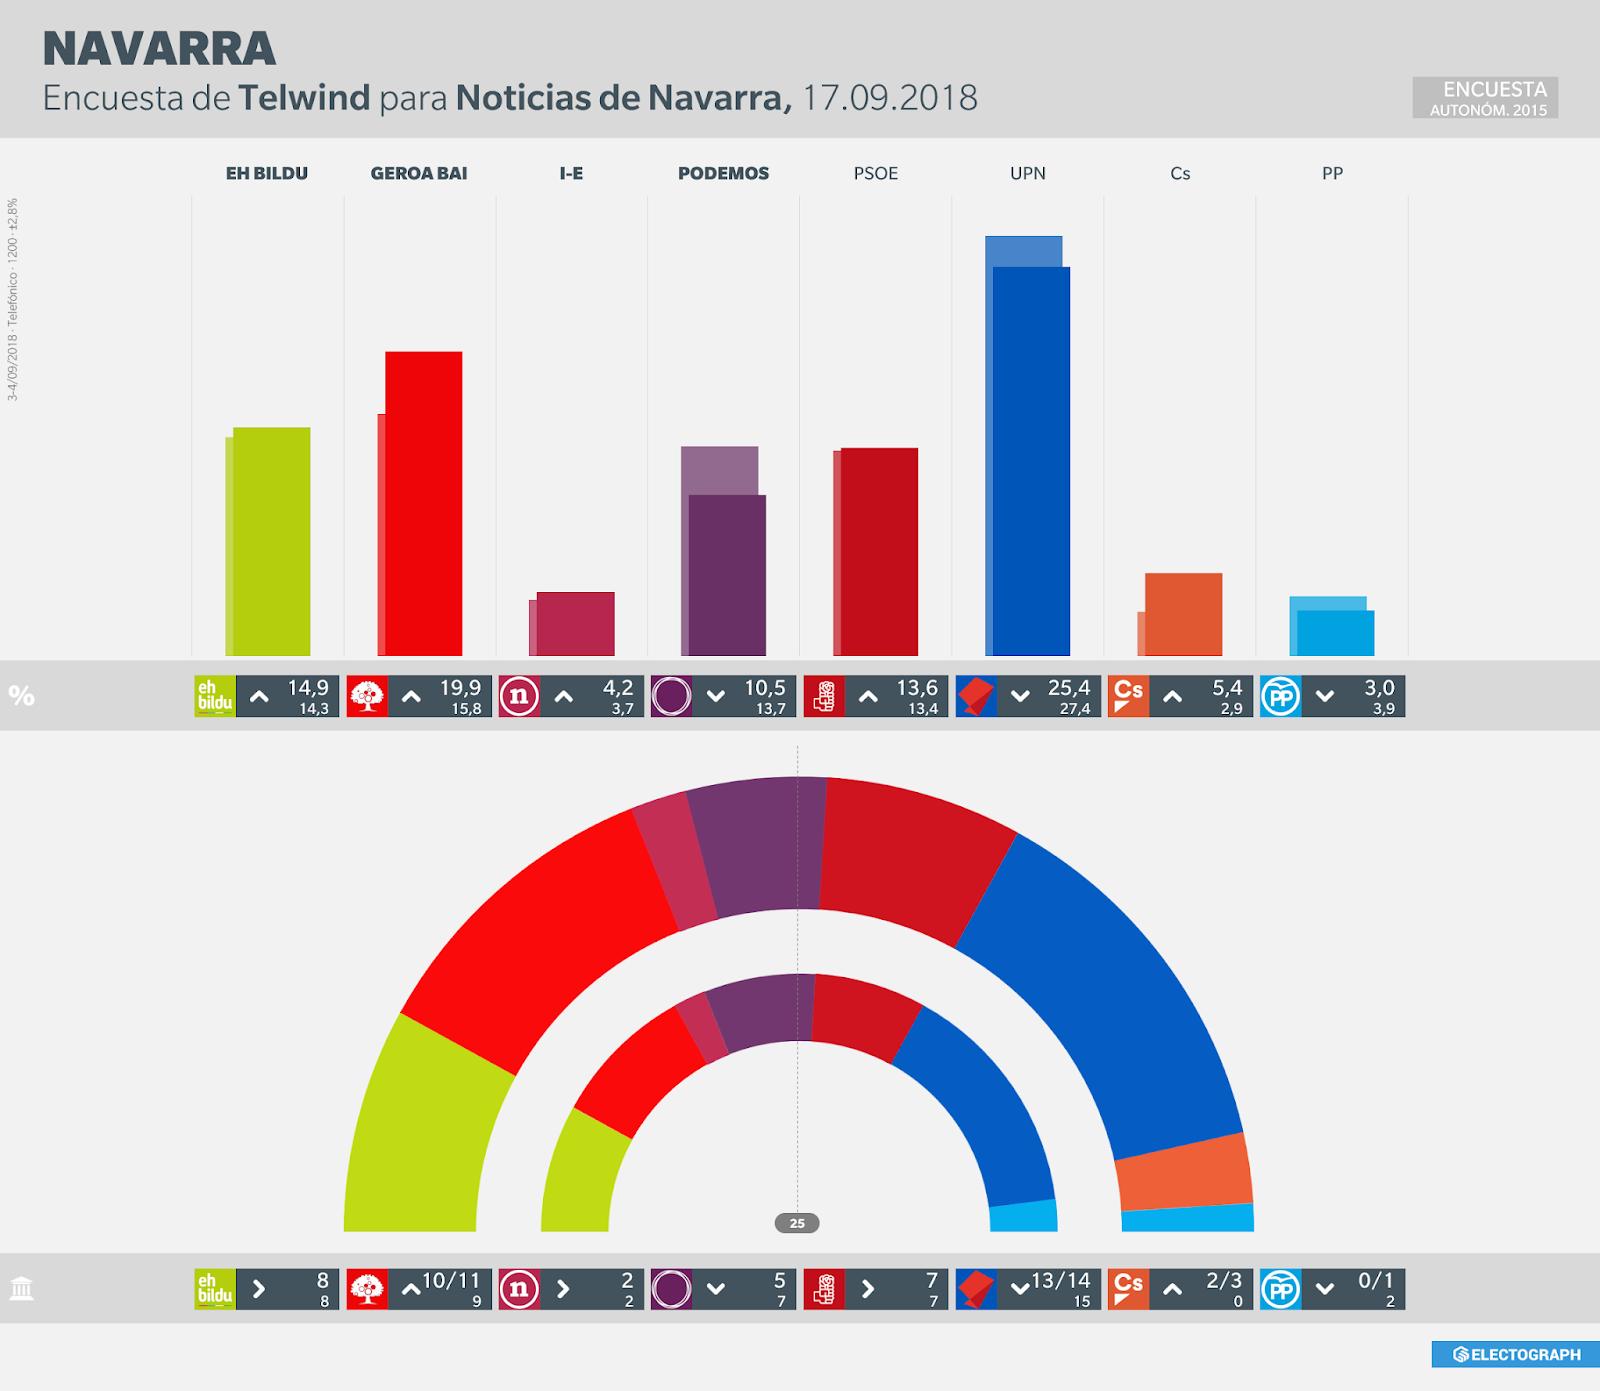 Gráfico de la encuesta para elecciones autonómicas en Navarra realizada por Telwind para Noticias de Navarra en septiembre de 2018